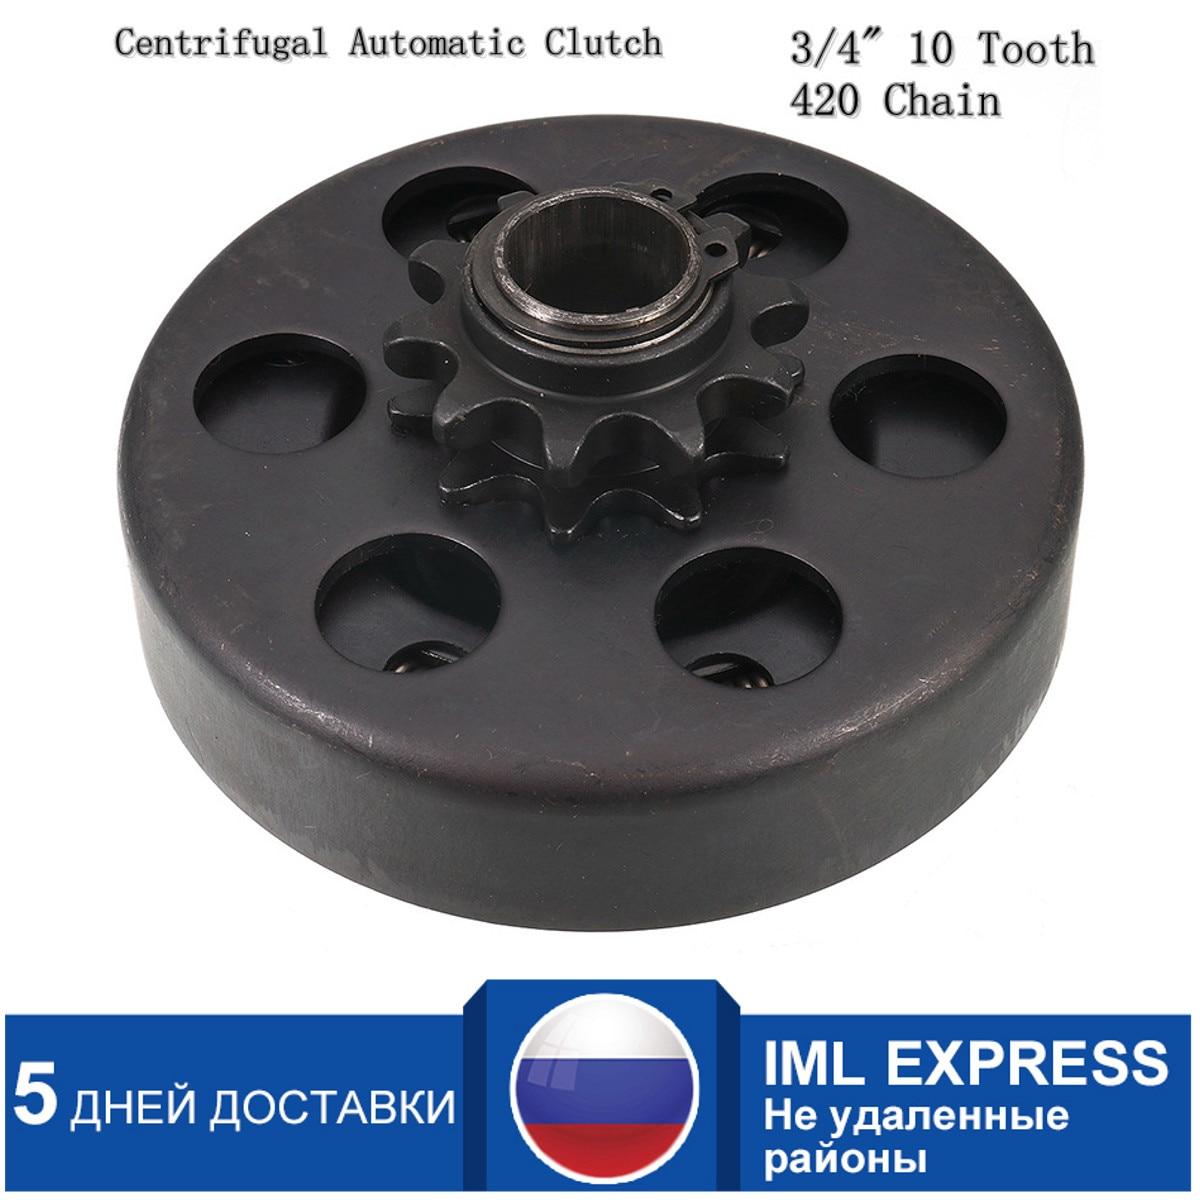 19 мм центробежный автоматический клатч GO Kart Fun 3/4